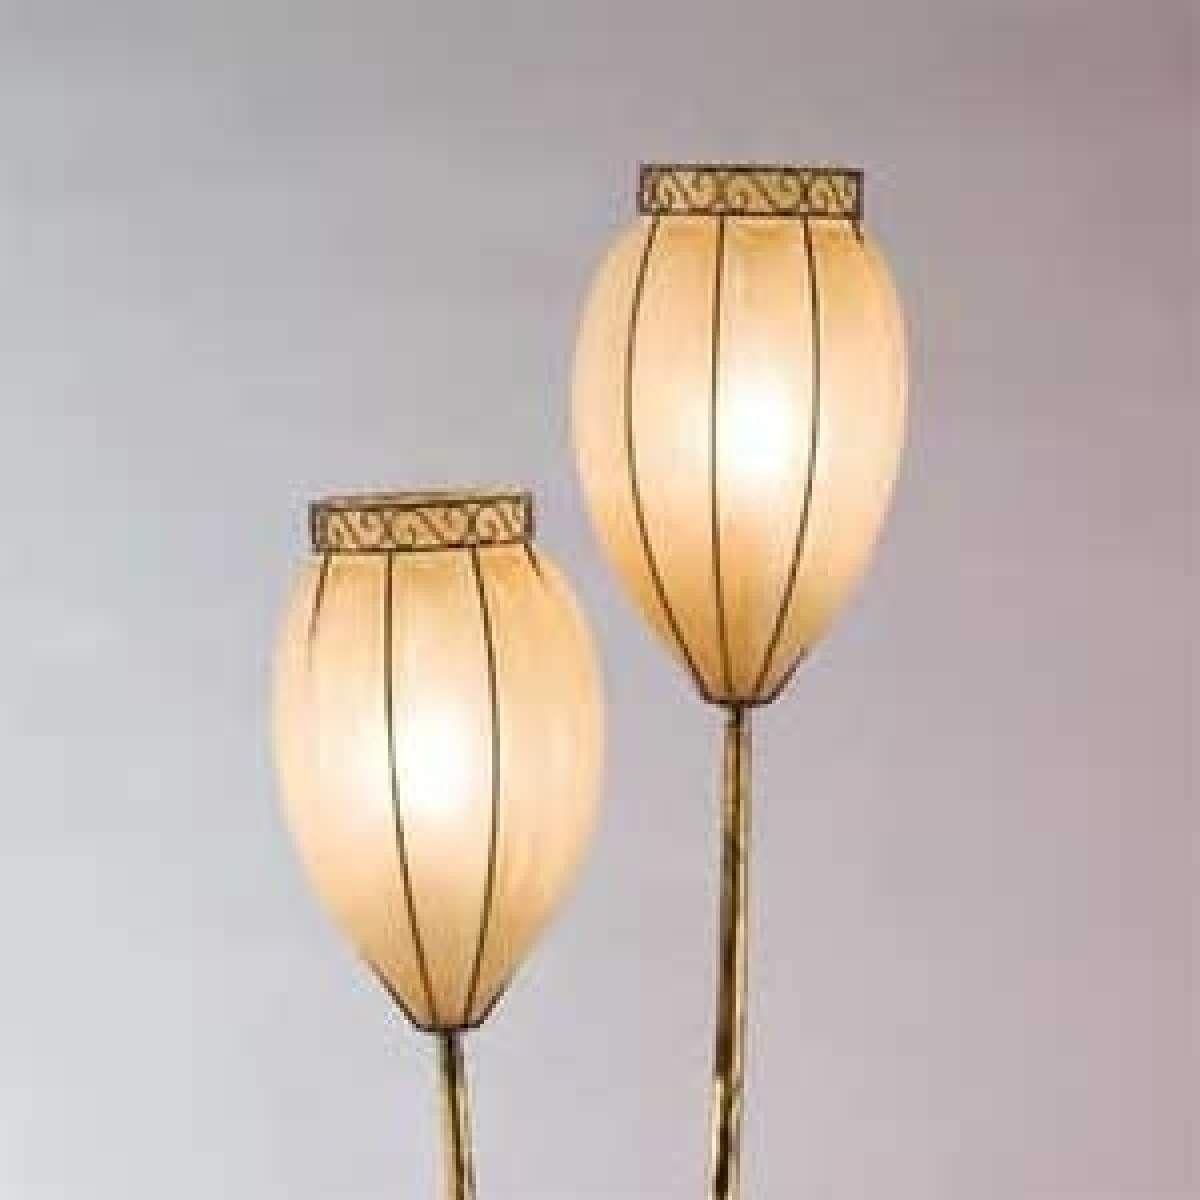 Faszinierend Dreibein Stehlampe Sammlung Von Stehleuchte Holz | Dimmbar | Design Klassiker